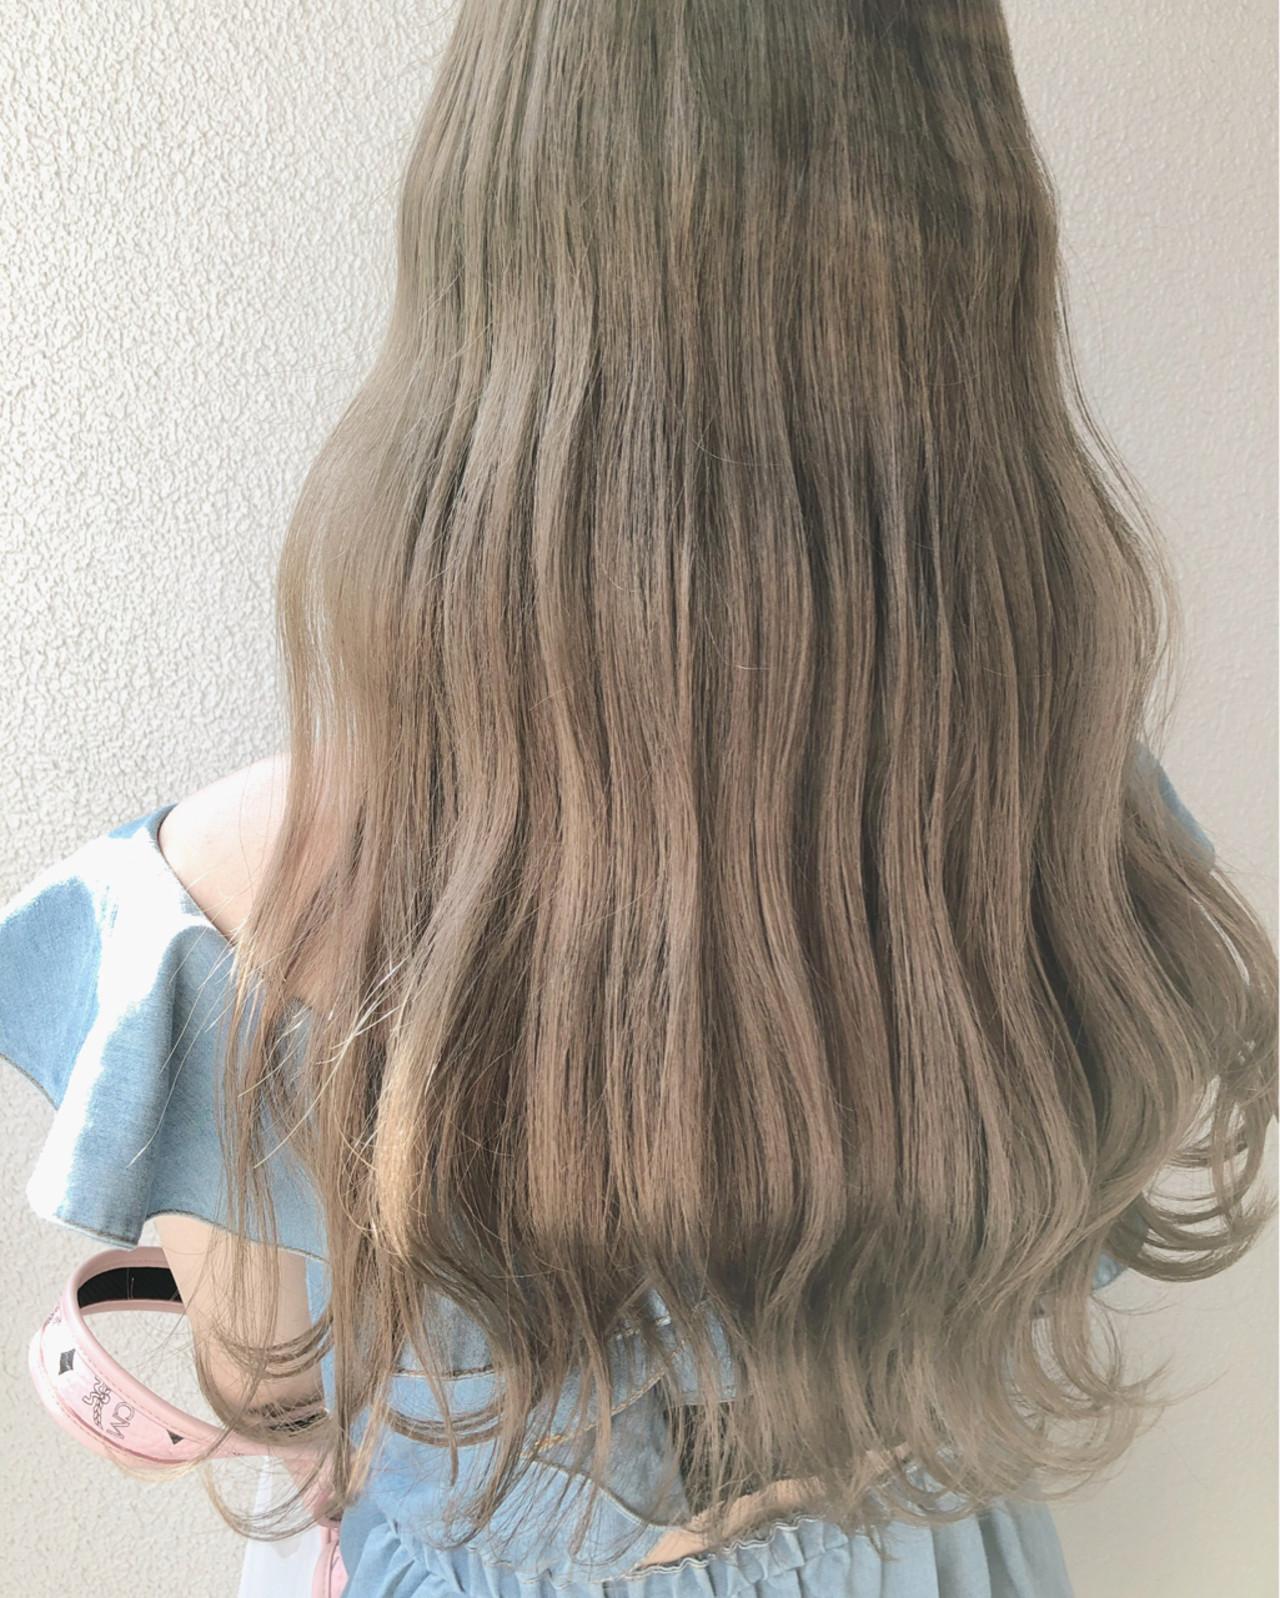 グレージュ ミルクティーベージュ ロング ミルクティー ヘアスタイルや髪型の写真・画像